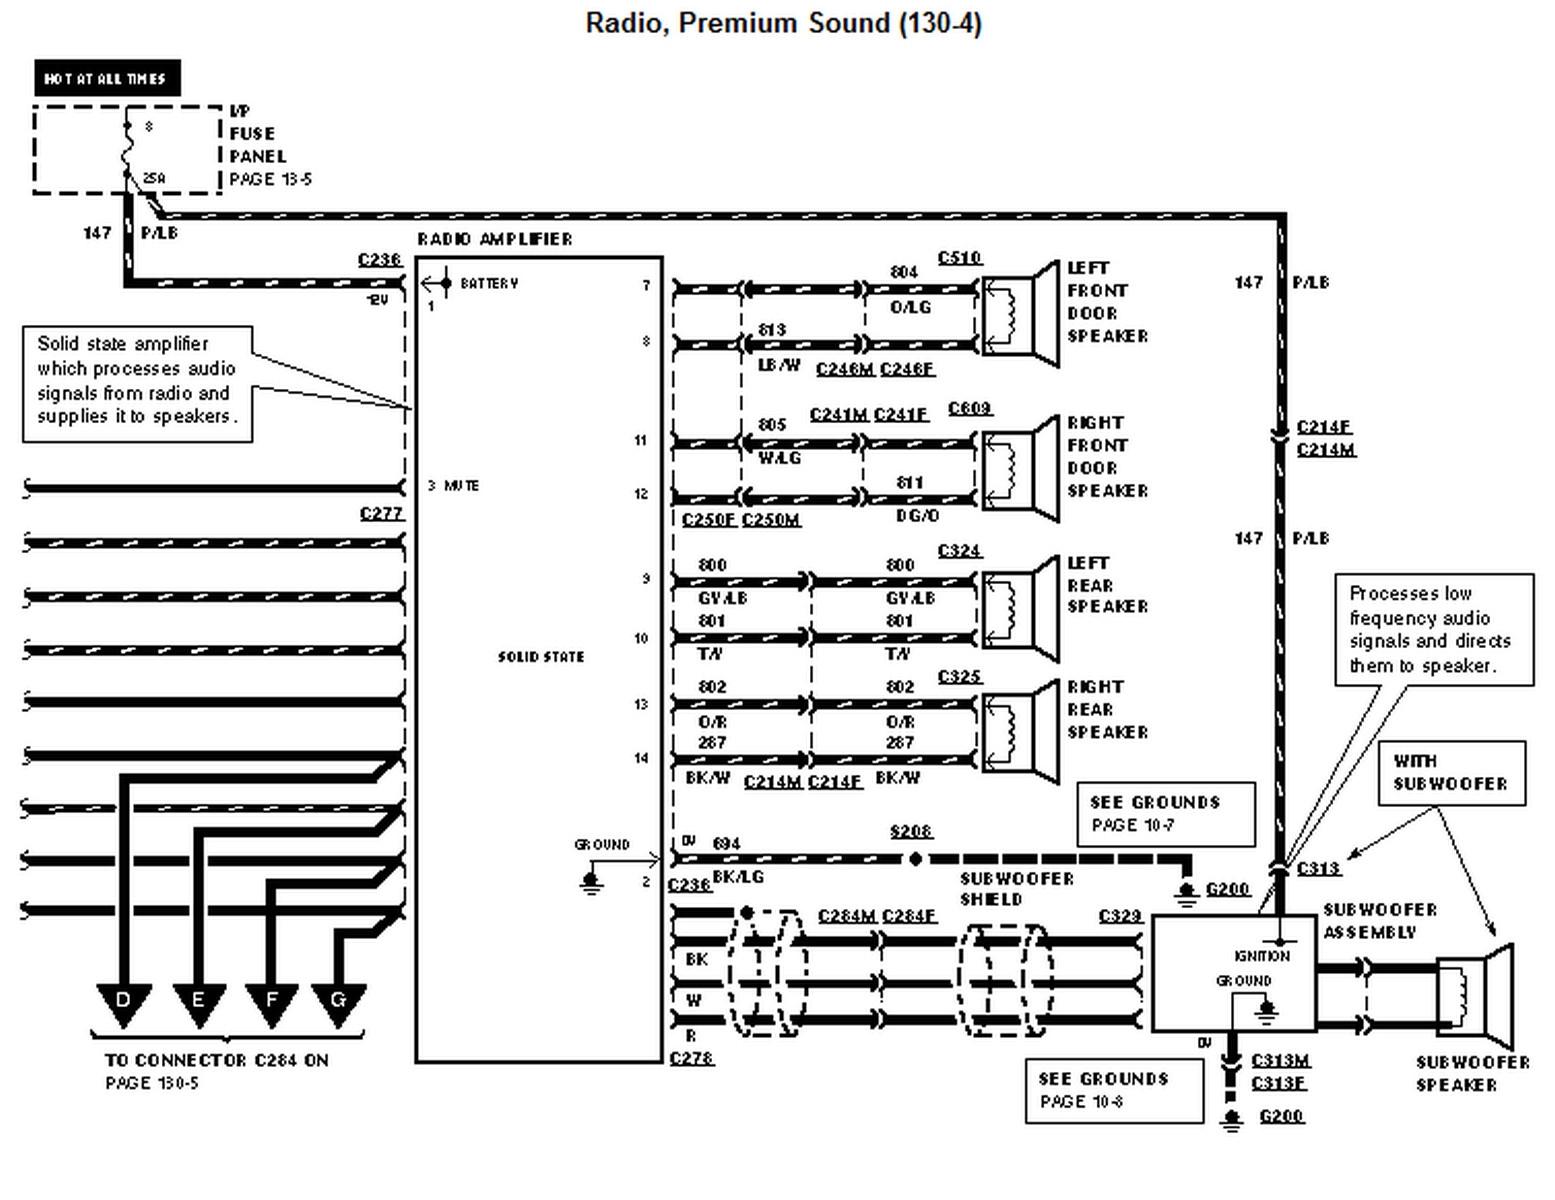 2005 Ford F150 Radio Wiring Diagram